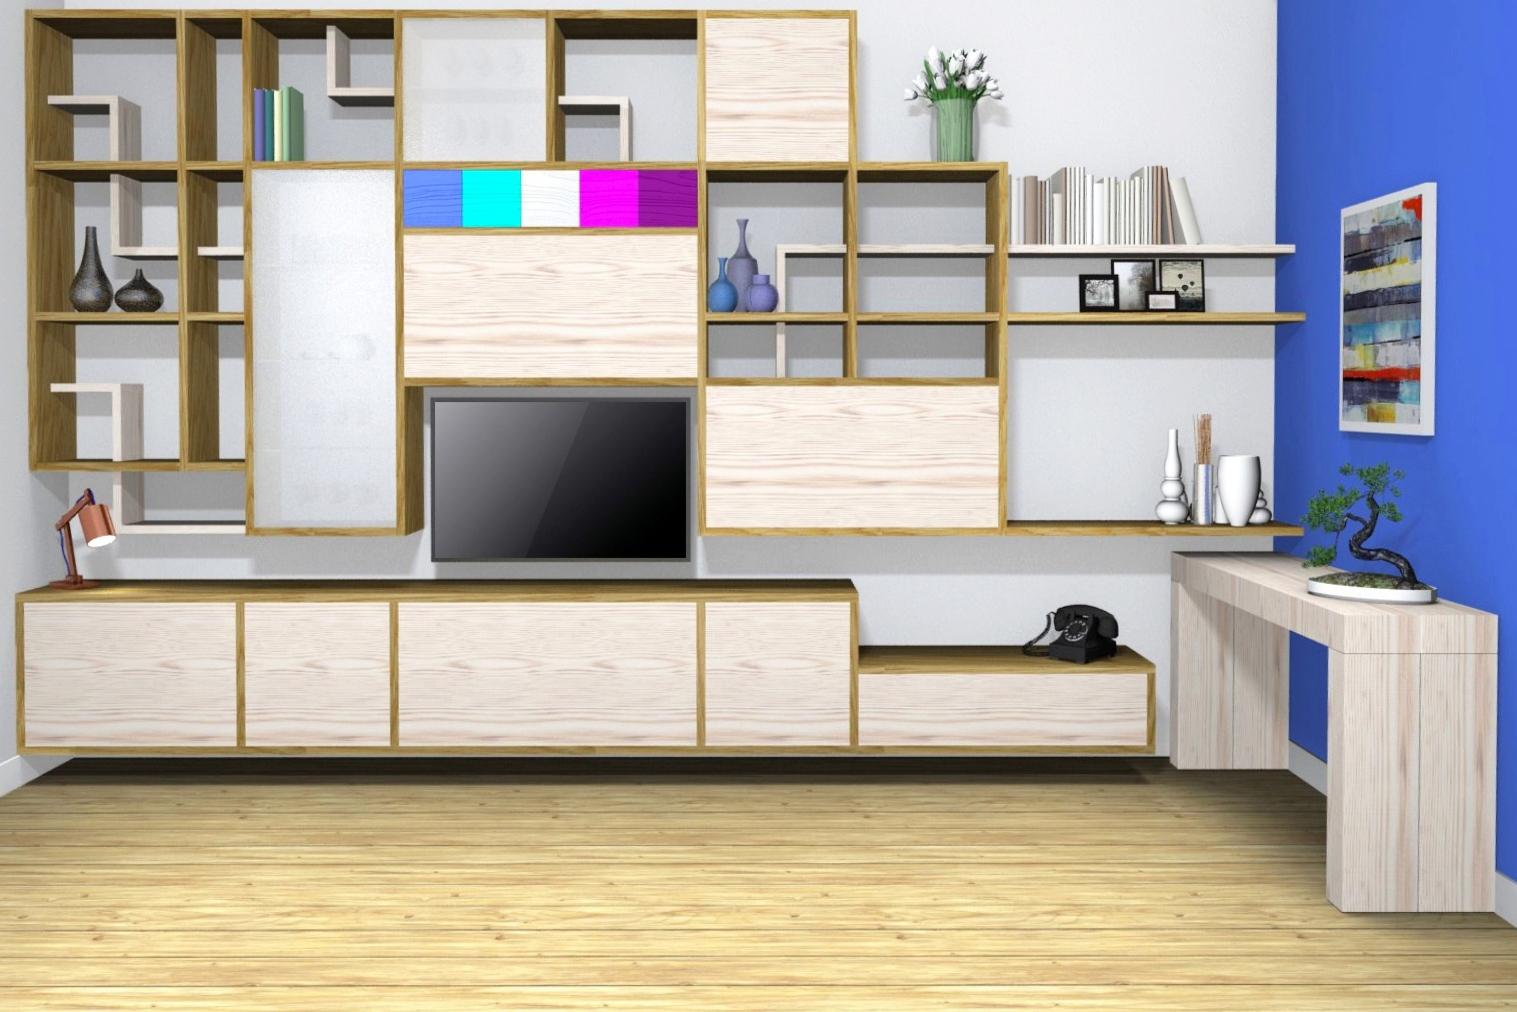 Architettura E Design Interni.Architetto E Designer D Interni 4a Arreda